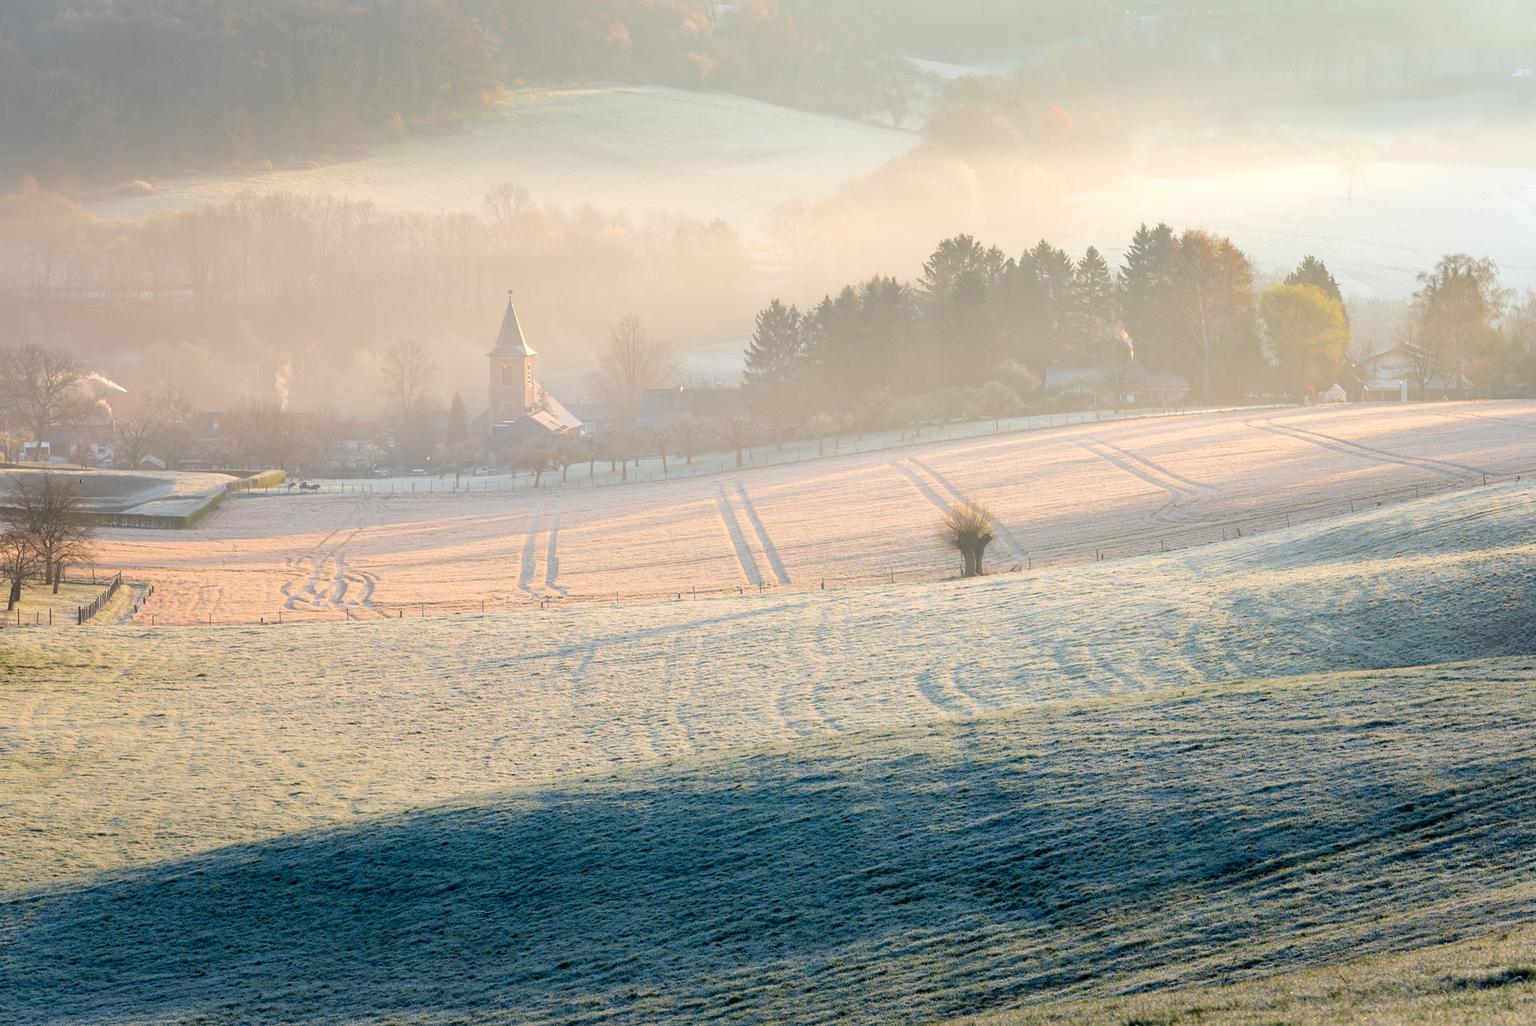 Zonsopkomst Slenaken - Gedurende een verblijf van enkele dagen in het mooie Limburg hoorde een vroeg ritje richting de heuvels erbij. Ik wilde namelijk enkele locaties aand - foto door FotograQui op 15-04-2021 - locatie: 6277 Slenaken, Nederland - deze foto bevat: slenaken, zonsopkomst, heuvels, mist, nevel, nikon, limburg, kerk, bomen, bossen, landschap, wolk, atmosfeer, ecoregio, lucht, fabriek, natuurlijk landschap, boom, nagloeien, zonsondergang, zonsopkomst